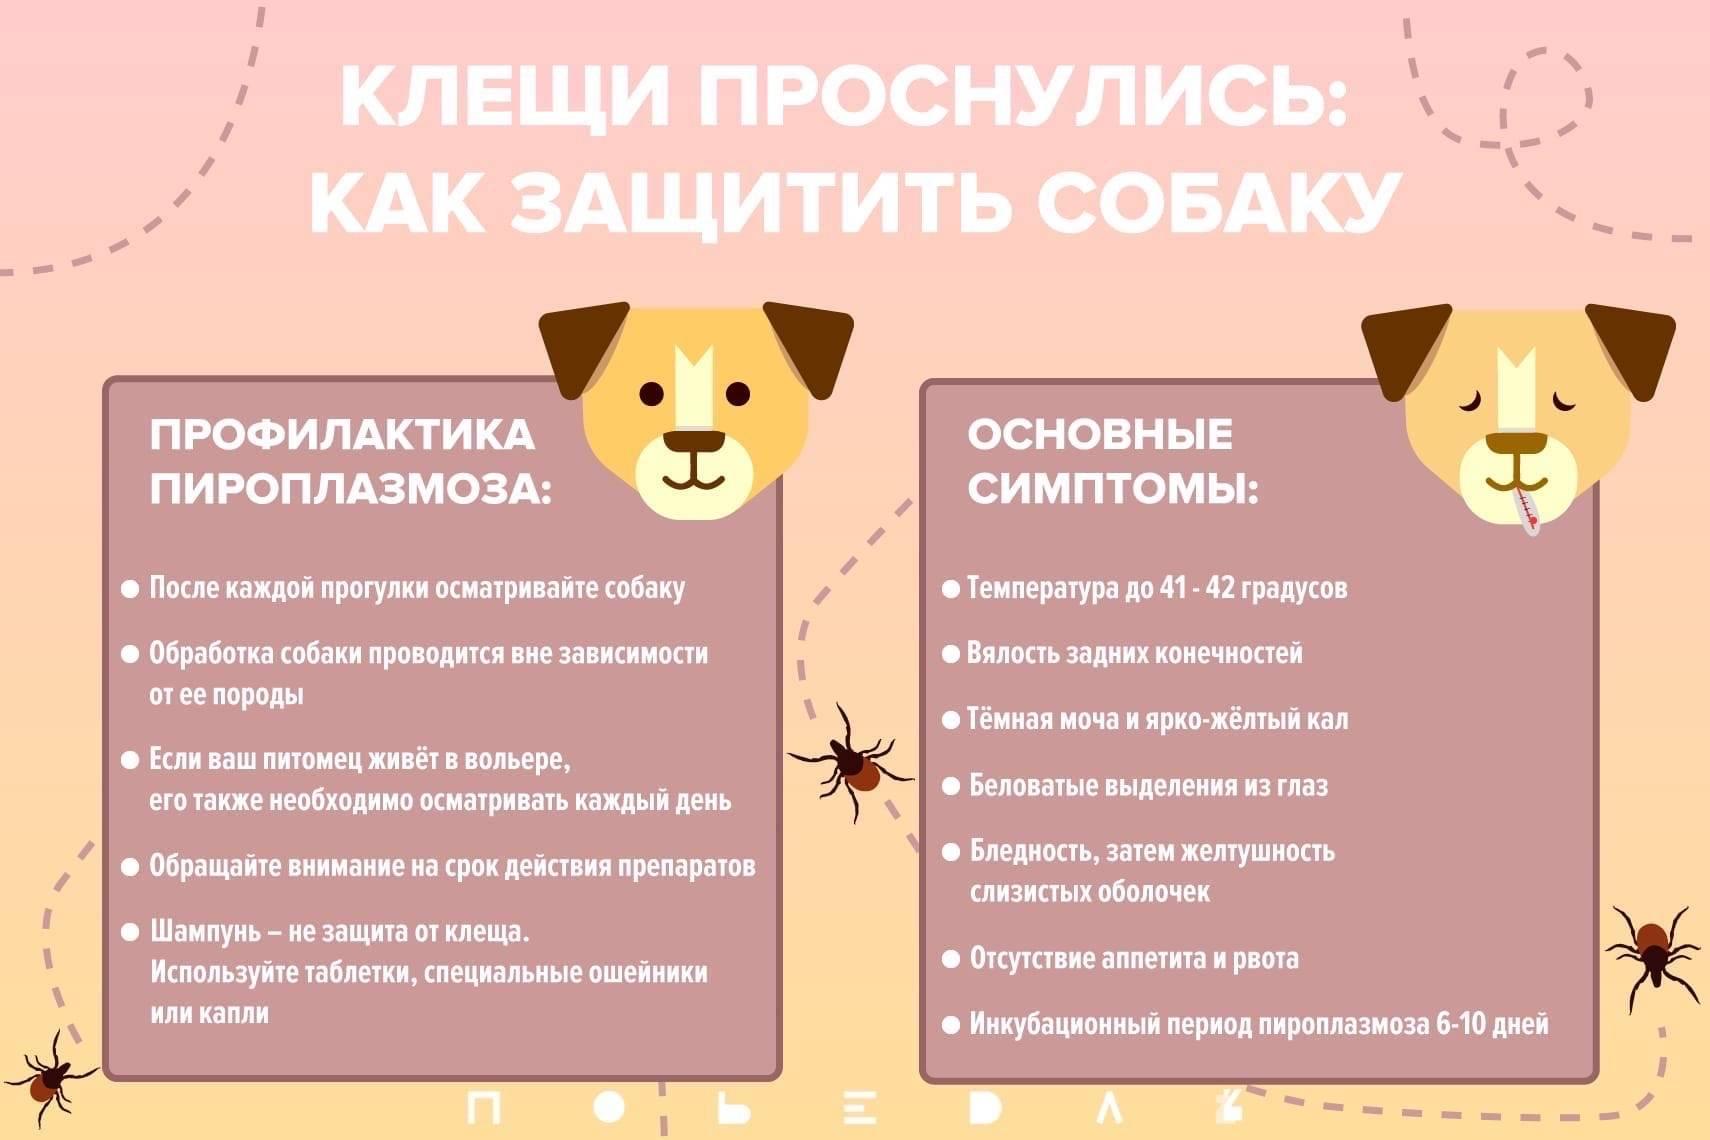 Пироплазмоз собак.